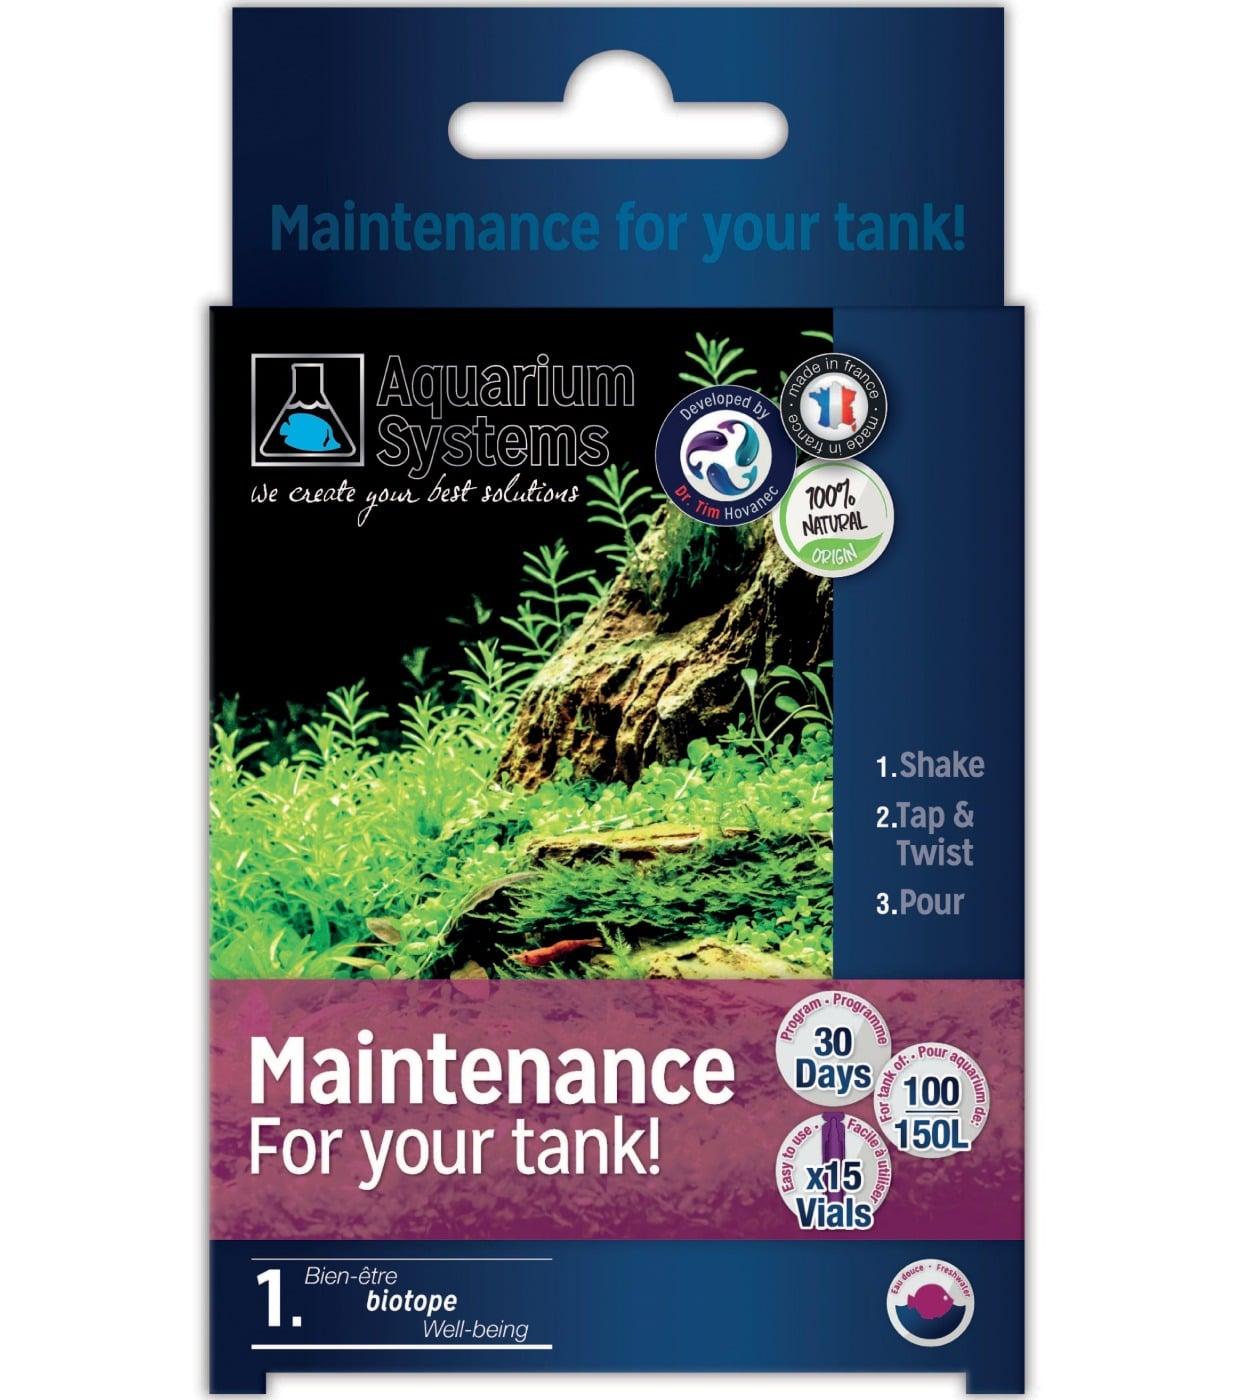 AQUARIUM SYSTEMS Maintenance Eau Douce programme Unidoses de maintien en bactéries sur 30 jours